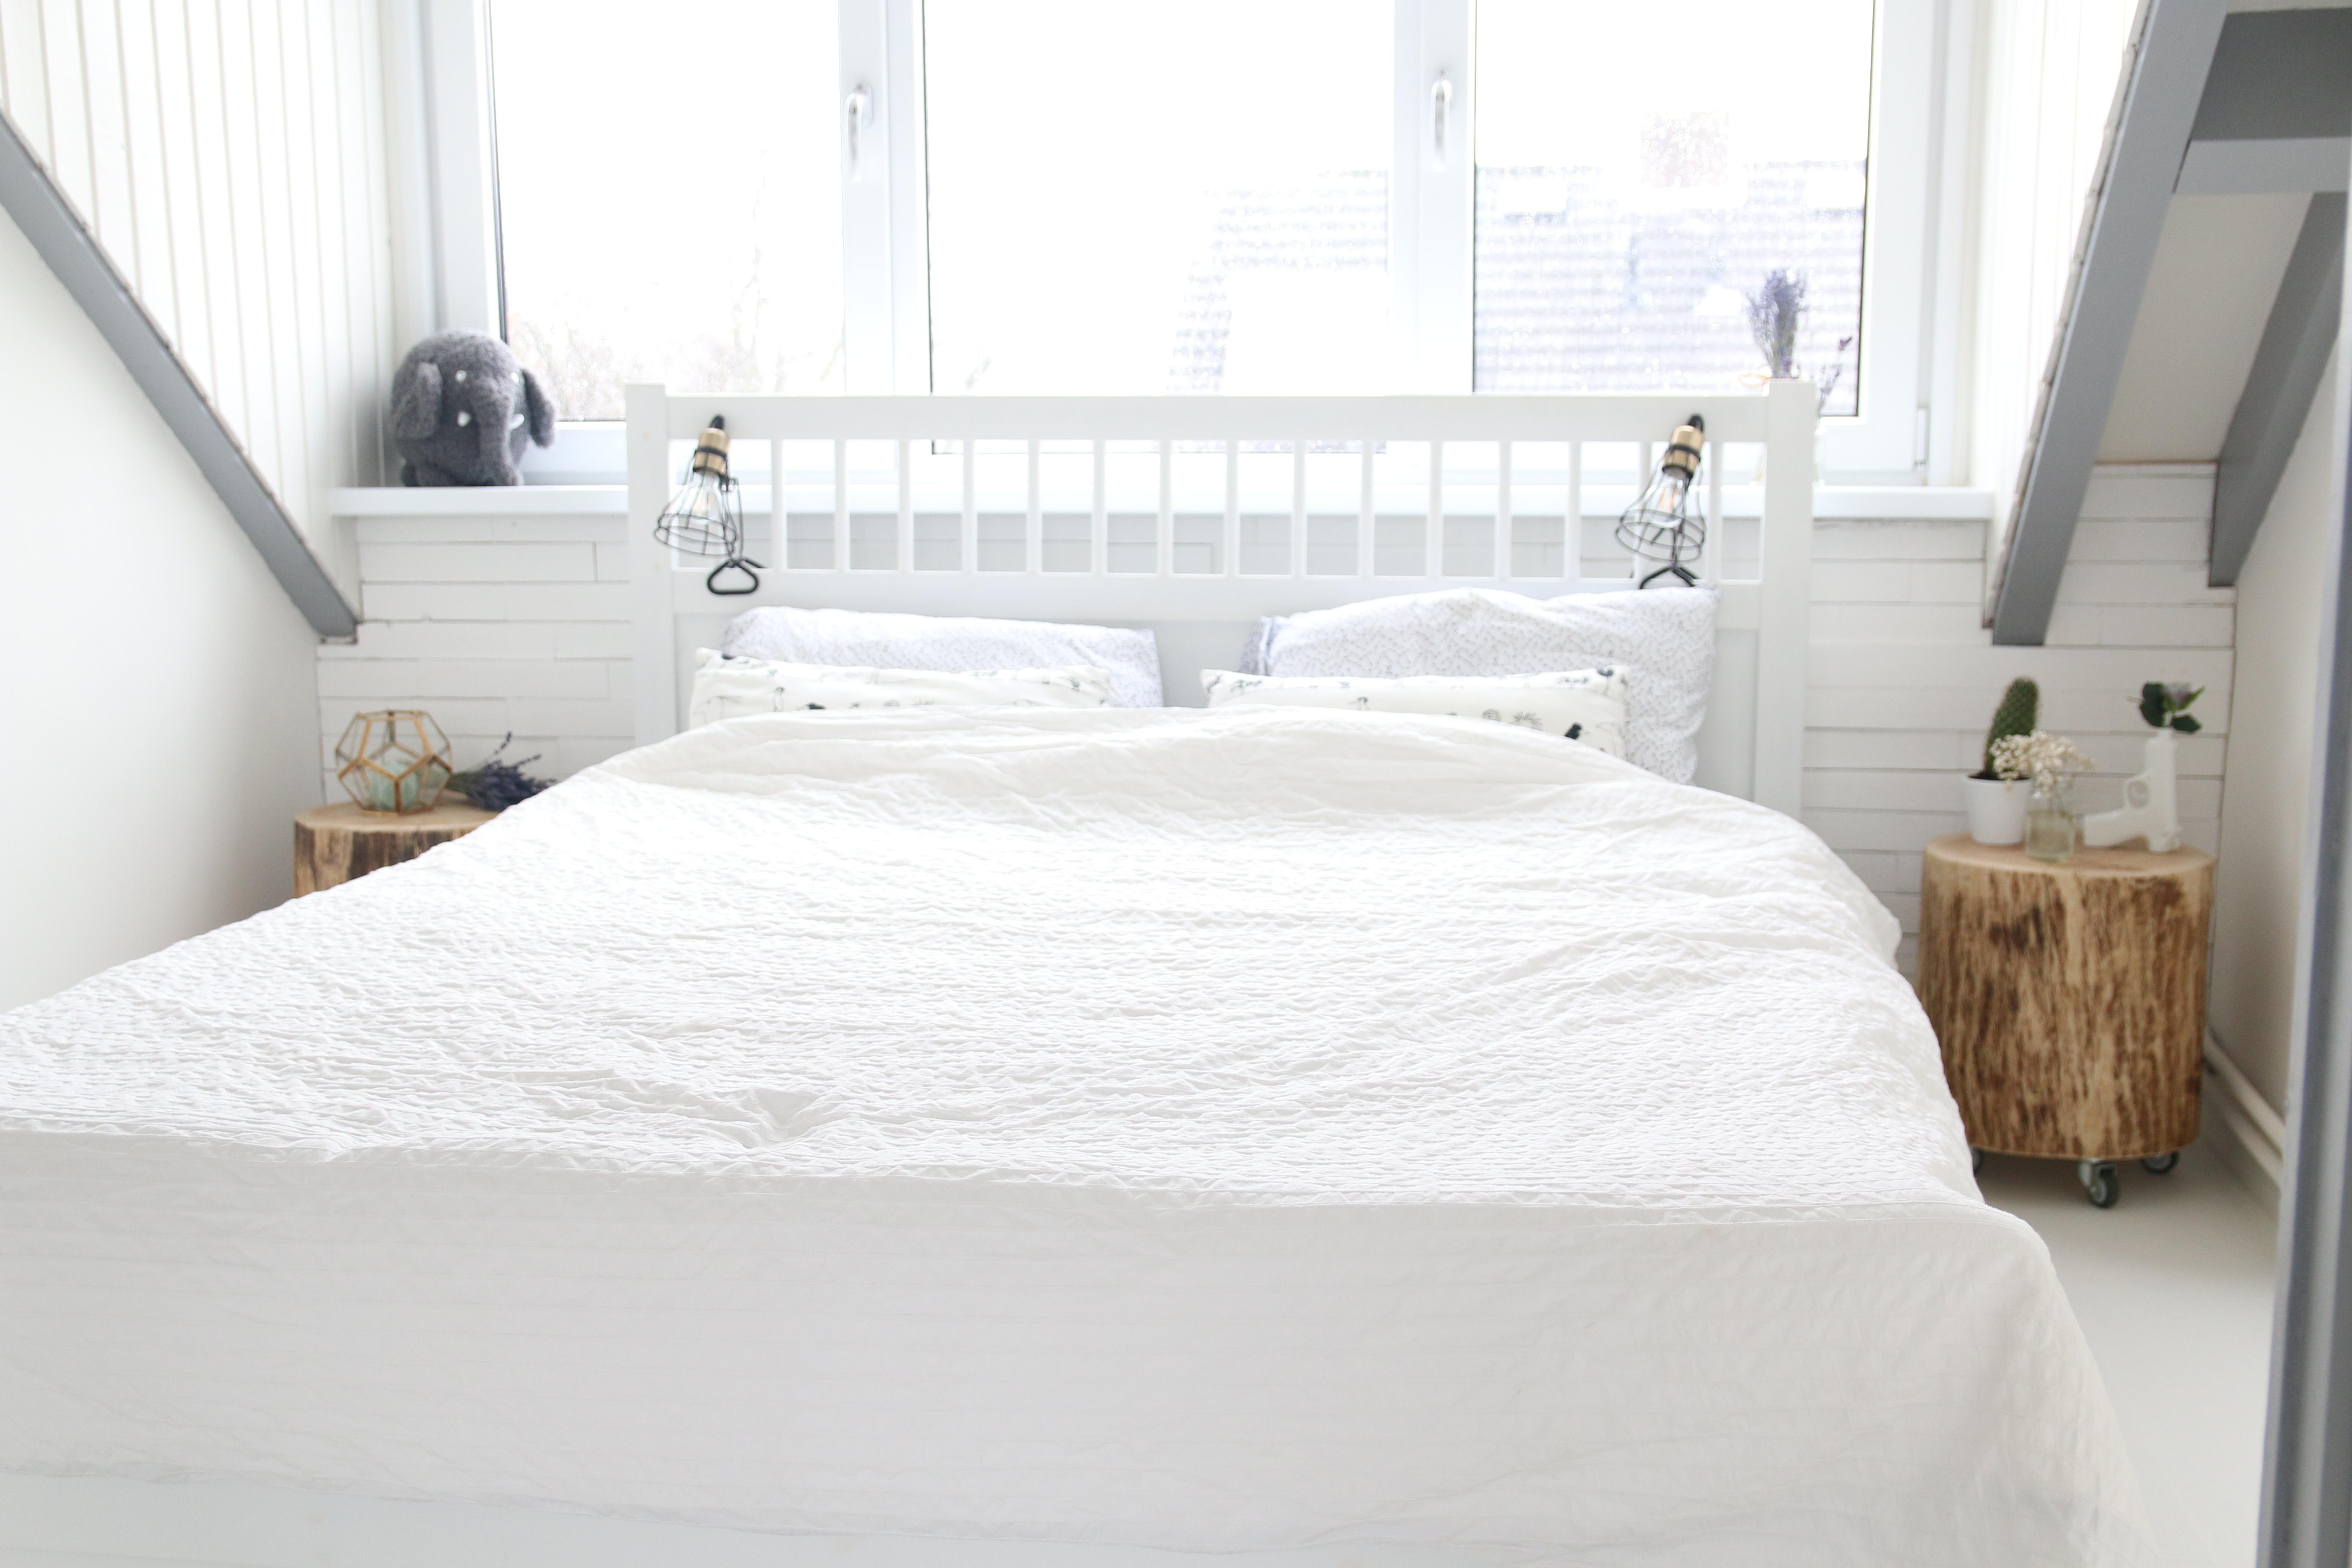 emma matras Onze Slaapkamer Geheimen